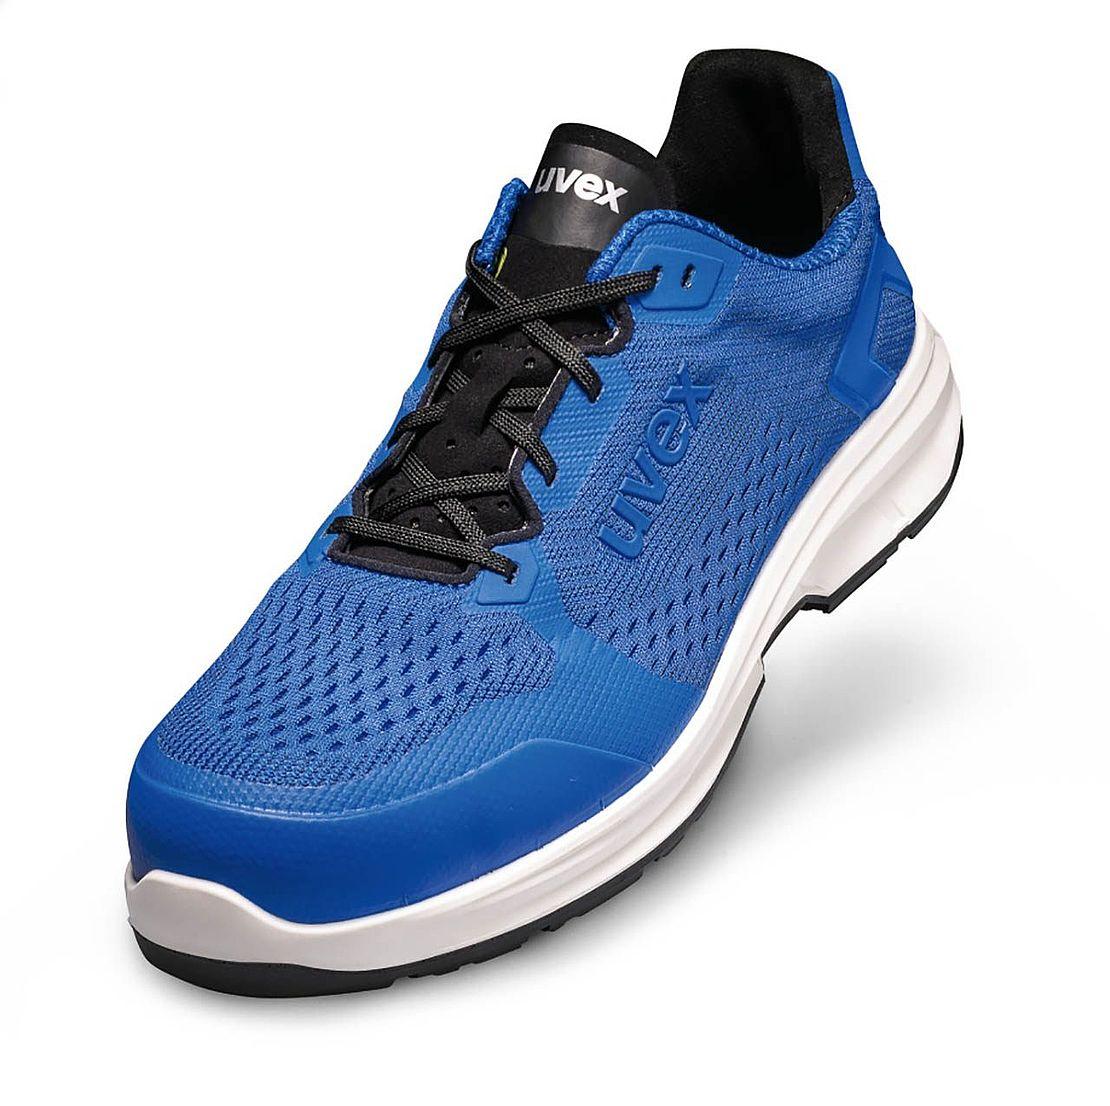 Sicherheitsschuhe blau Sneaker Look - uvex 1 sport